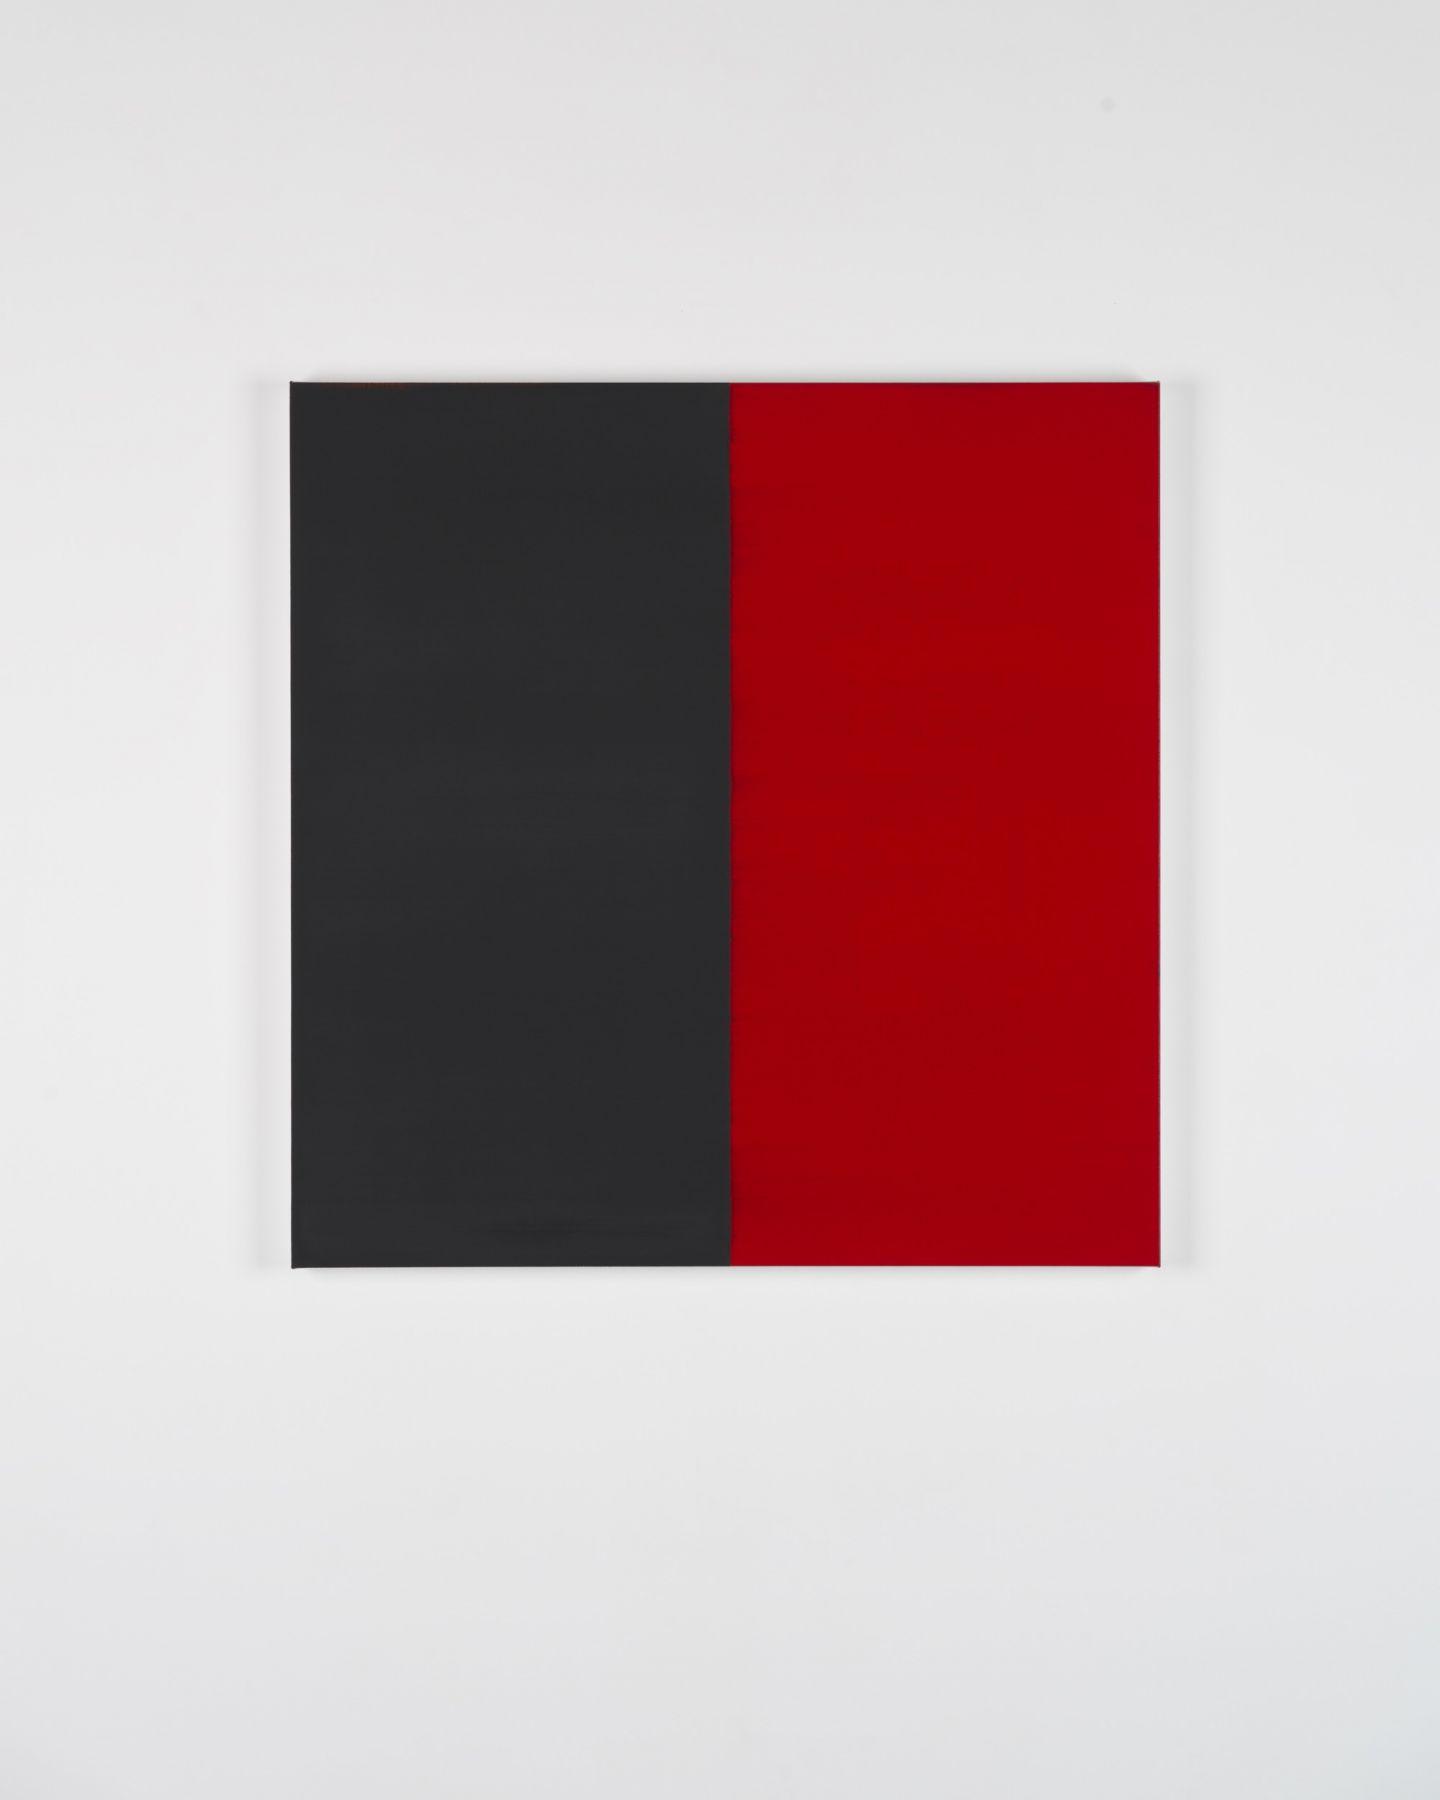 CALLUM INNES Untitled Lamp Black / Red No. 23, 2018